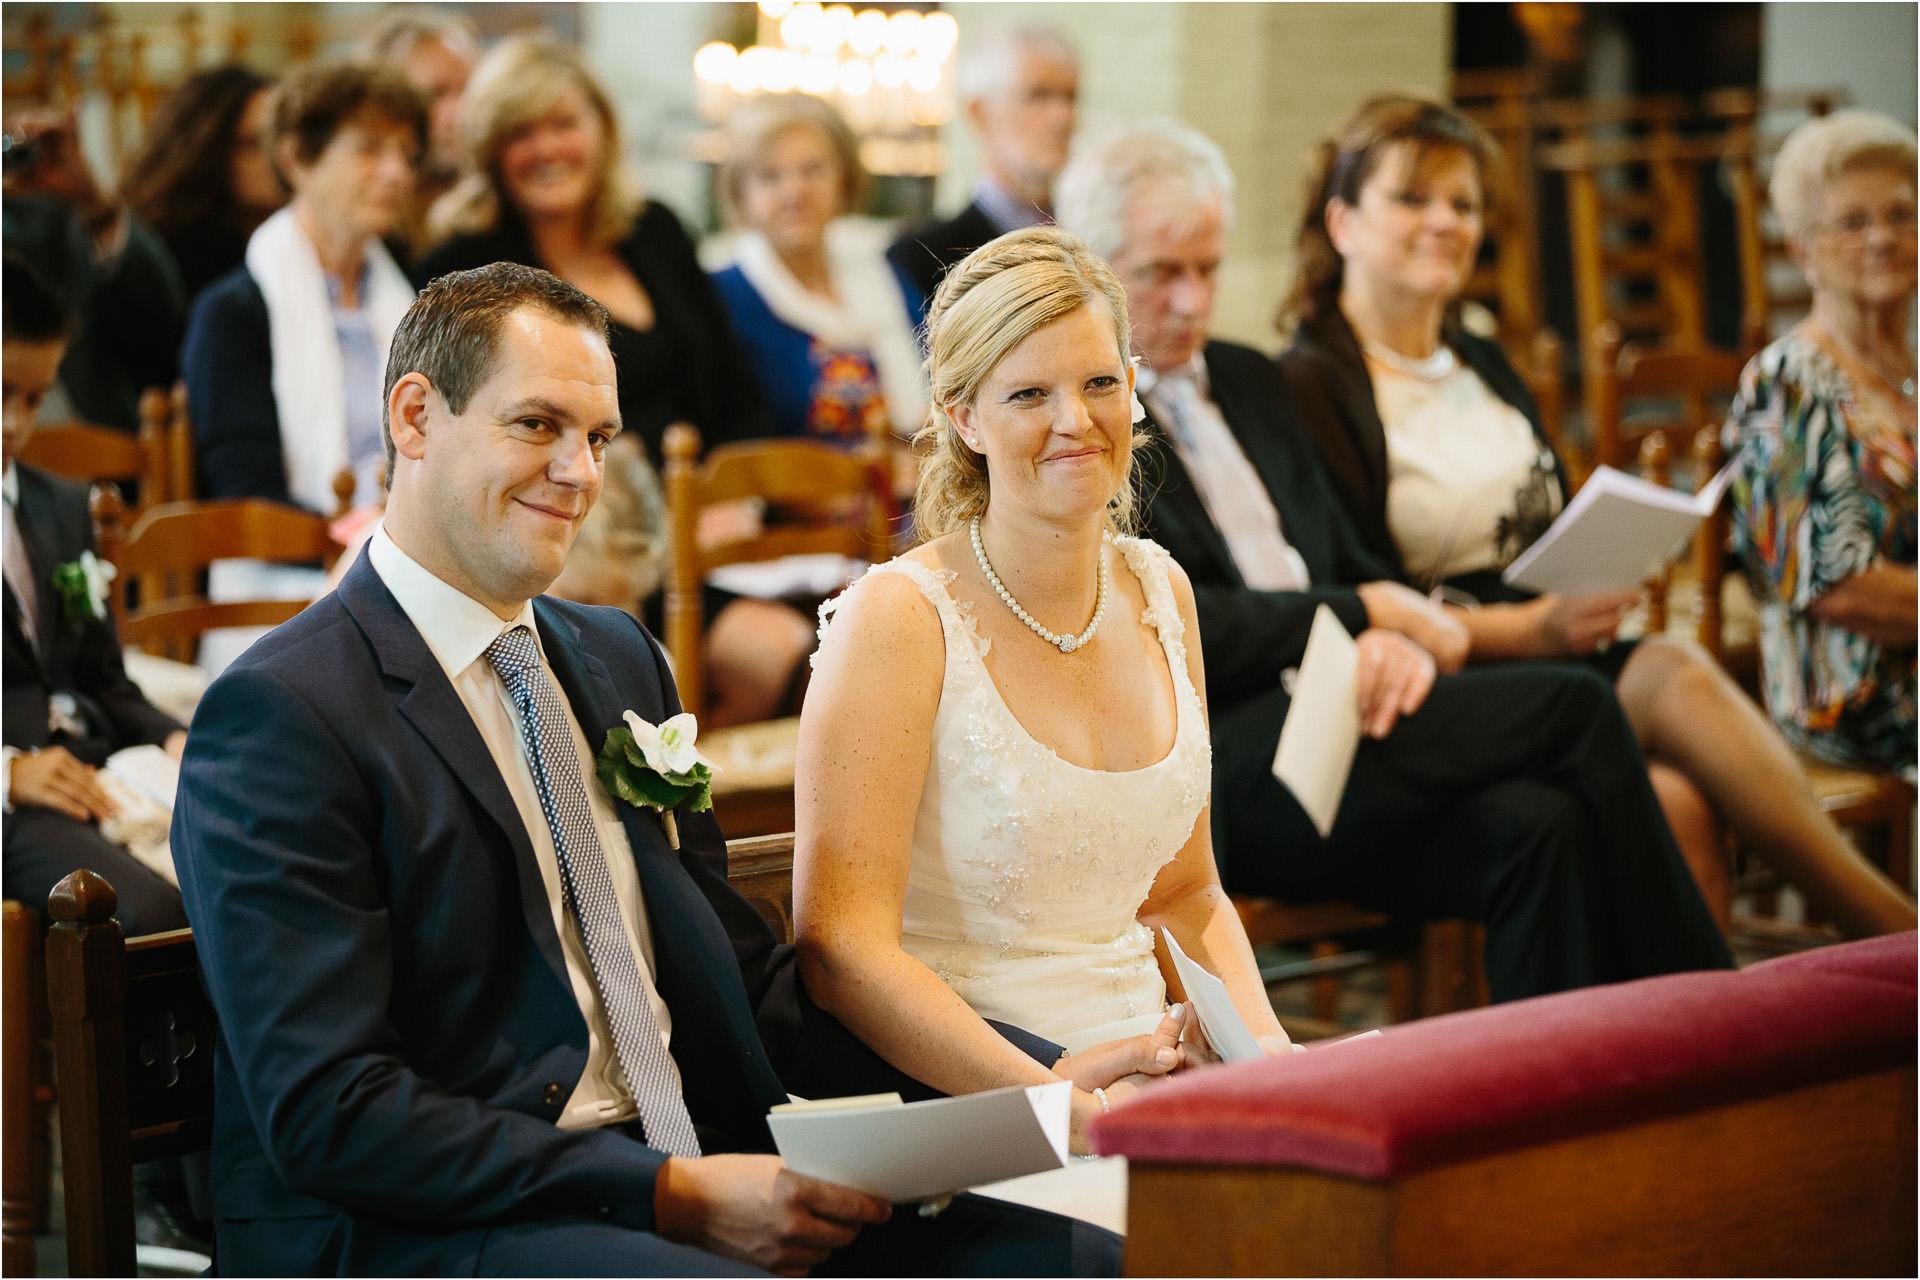 Huwelijksfotograaf Sint-Katelijne-Waver